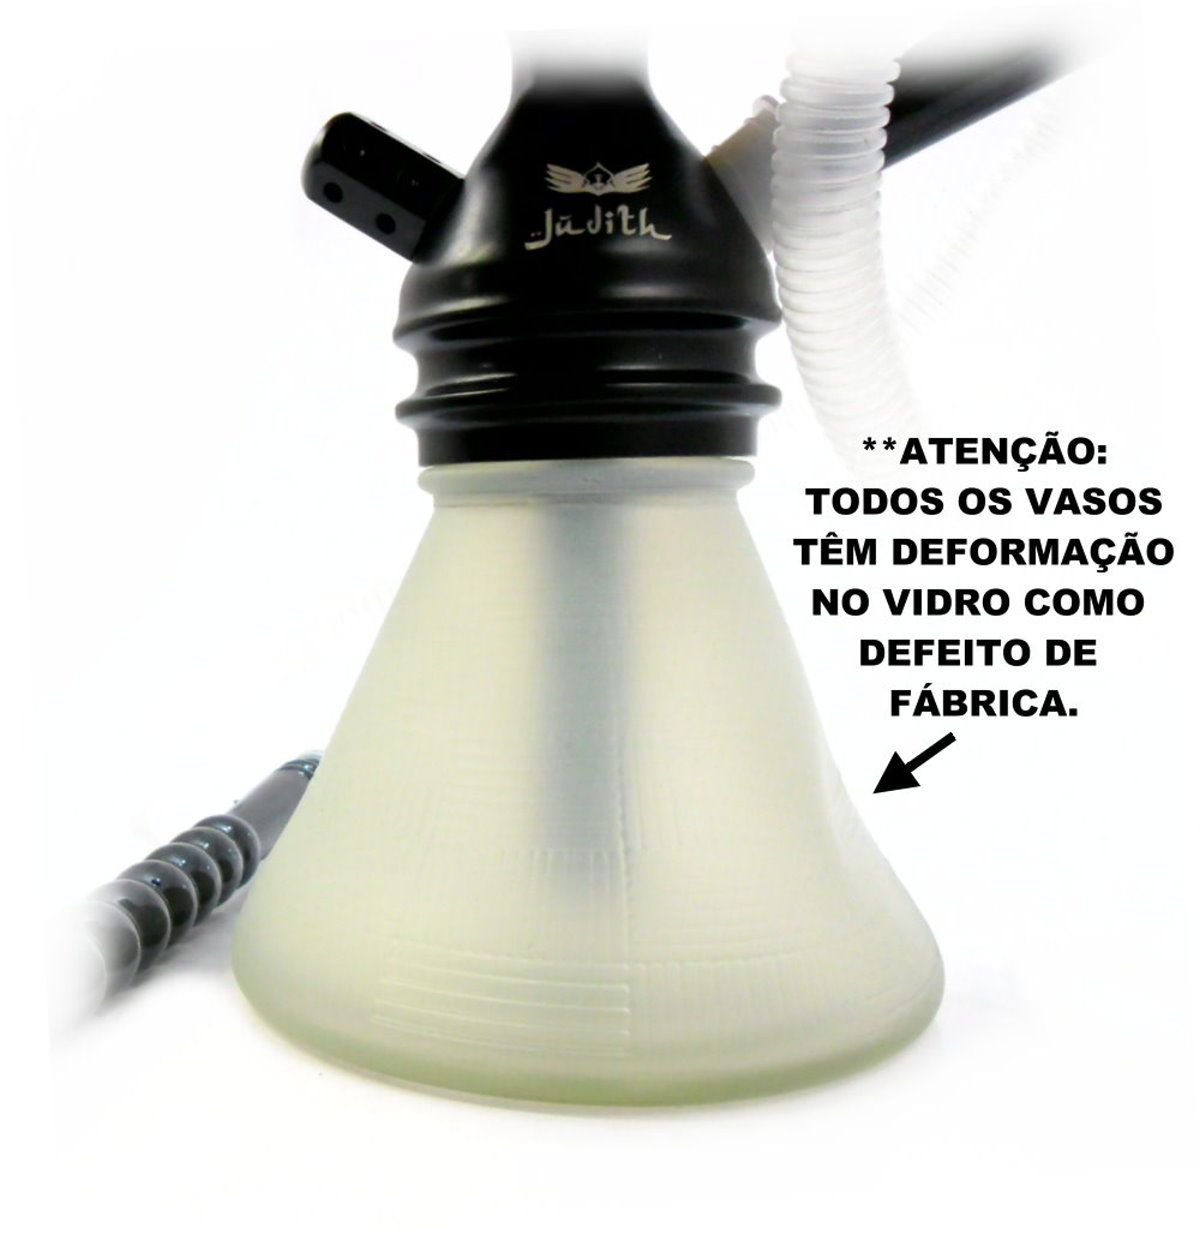 Narguile JUDITH PRETO MART 33cm, vaso Petit BRANCO mangueira MD HOSE, fornilho Flux Bowl BRANCO prato Vennus Prt/Cromado